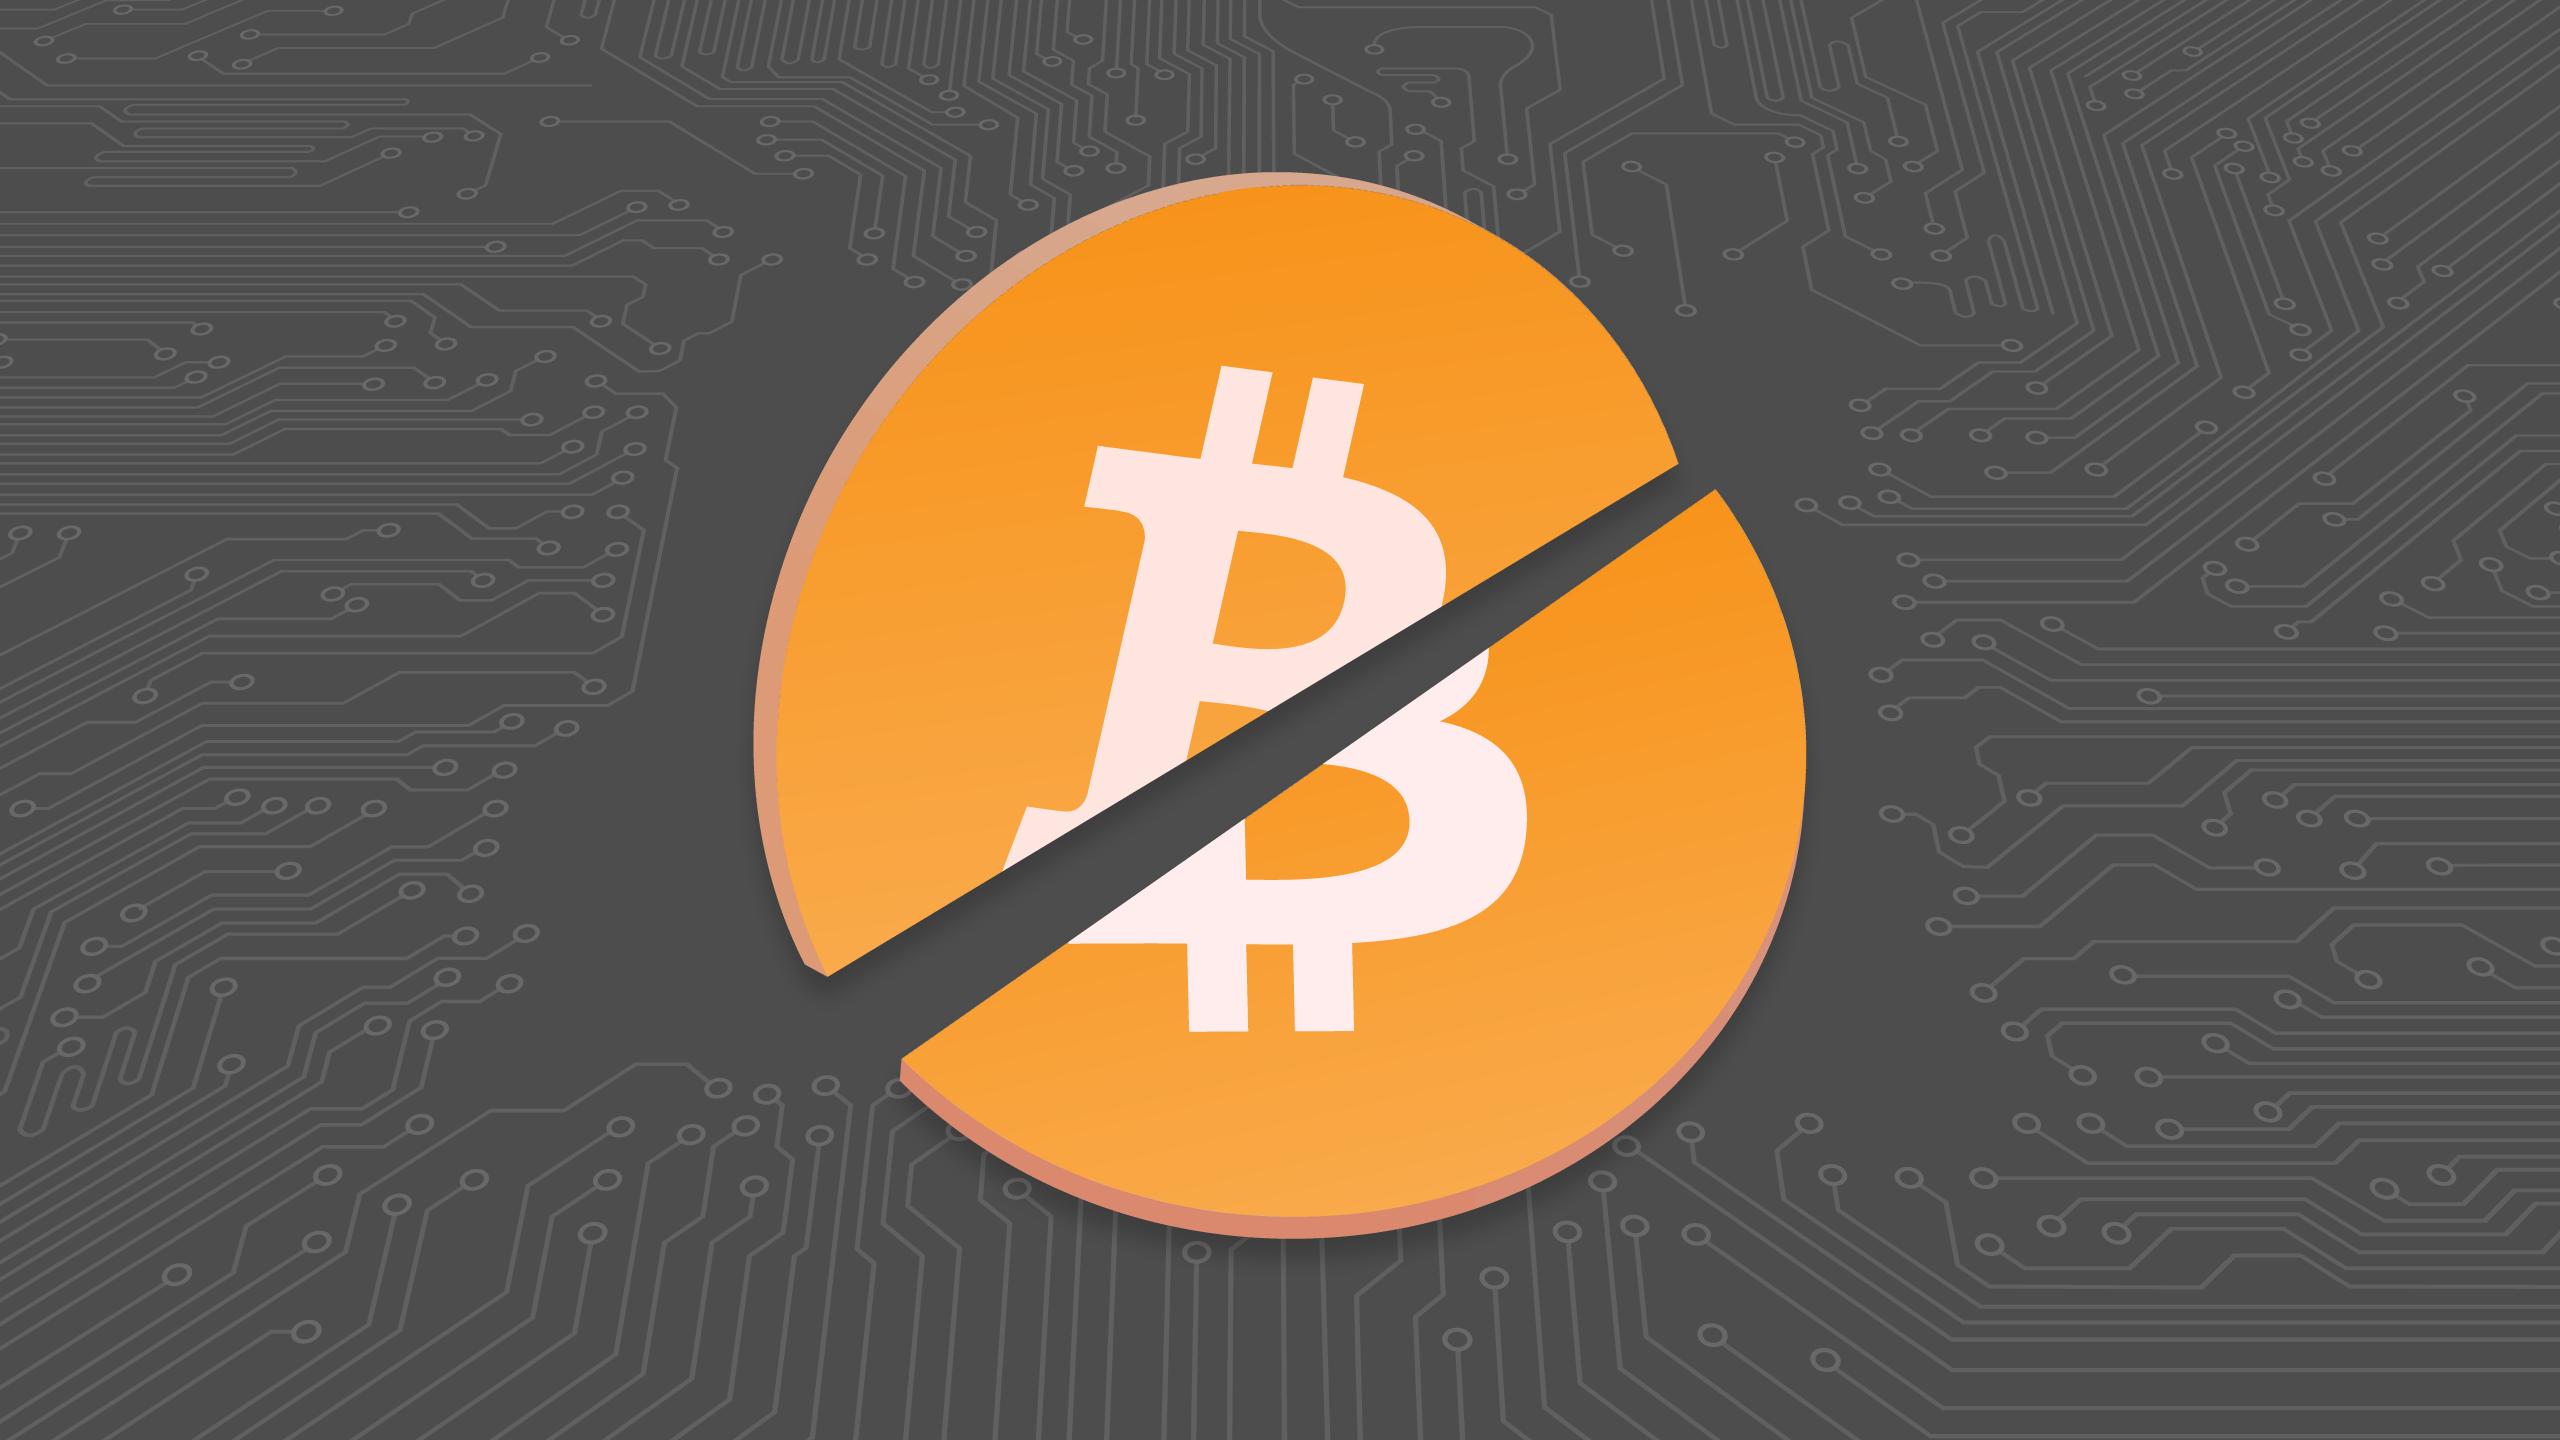 O que irá acontecer com o Bitcoin? Um guia visual para ajudar a compreender as diferentes propostas